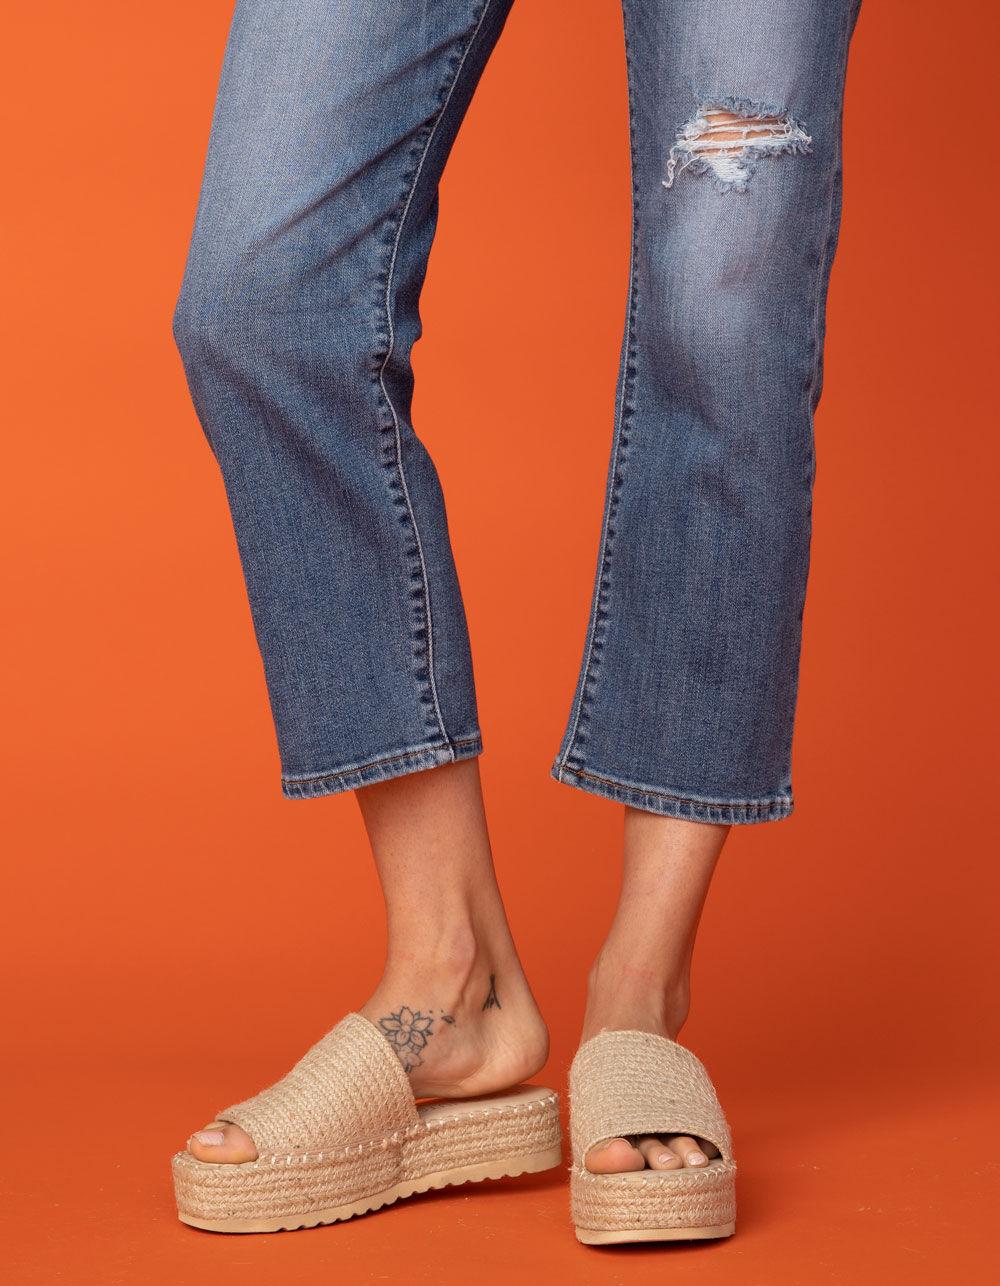 COCONUTS Del Mar Natural Espadrille Flatform Sandals